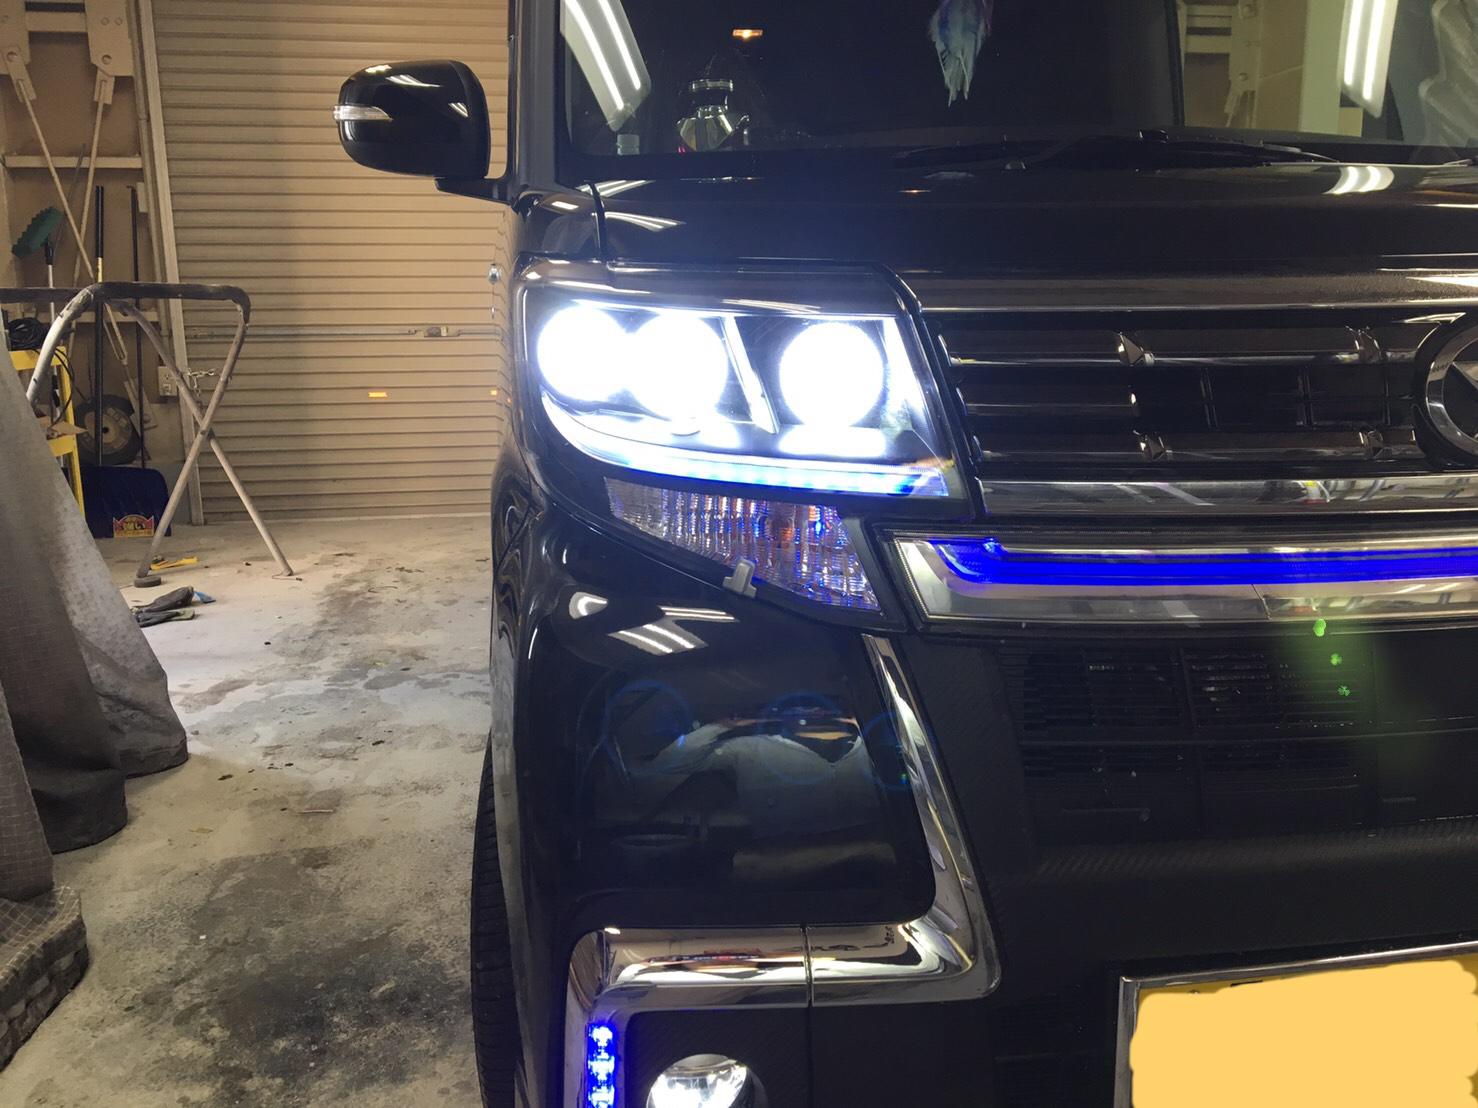 タントカスタム ヘッドライトプロジェクタ移植 イカリング取り付け施工後3